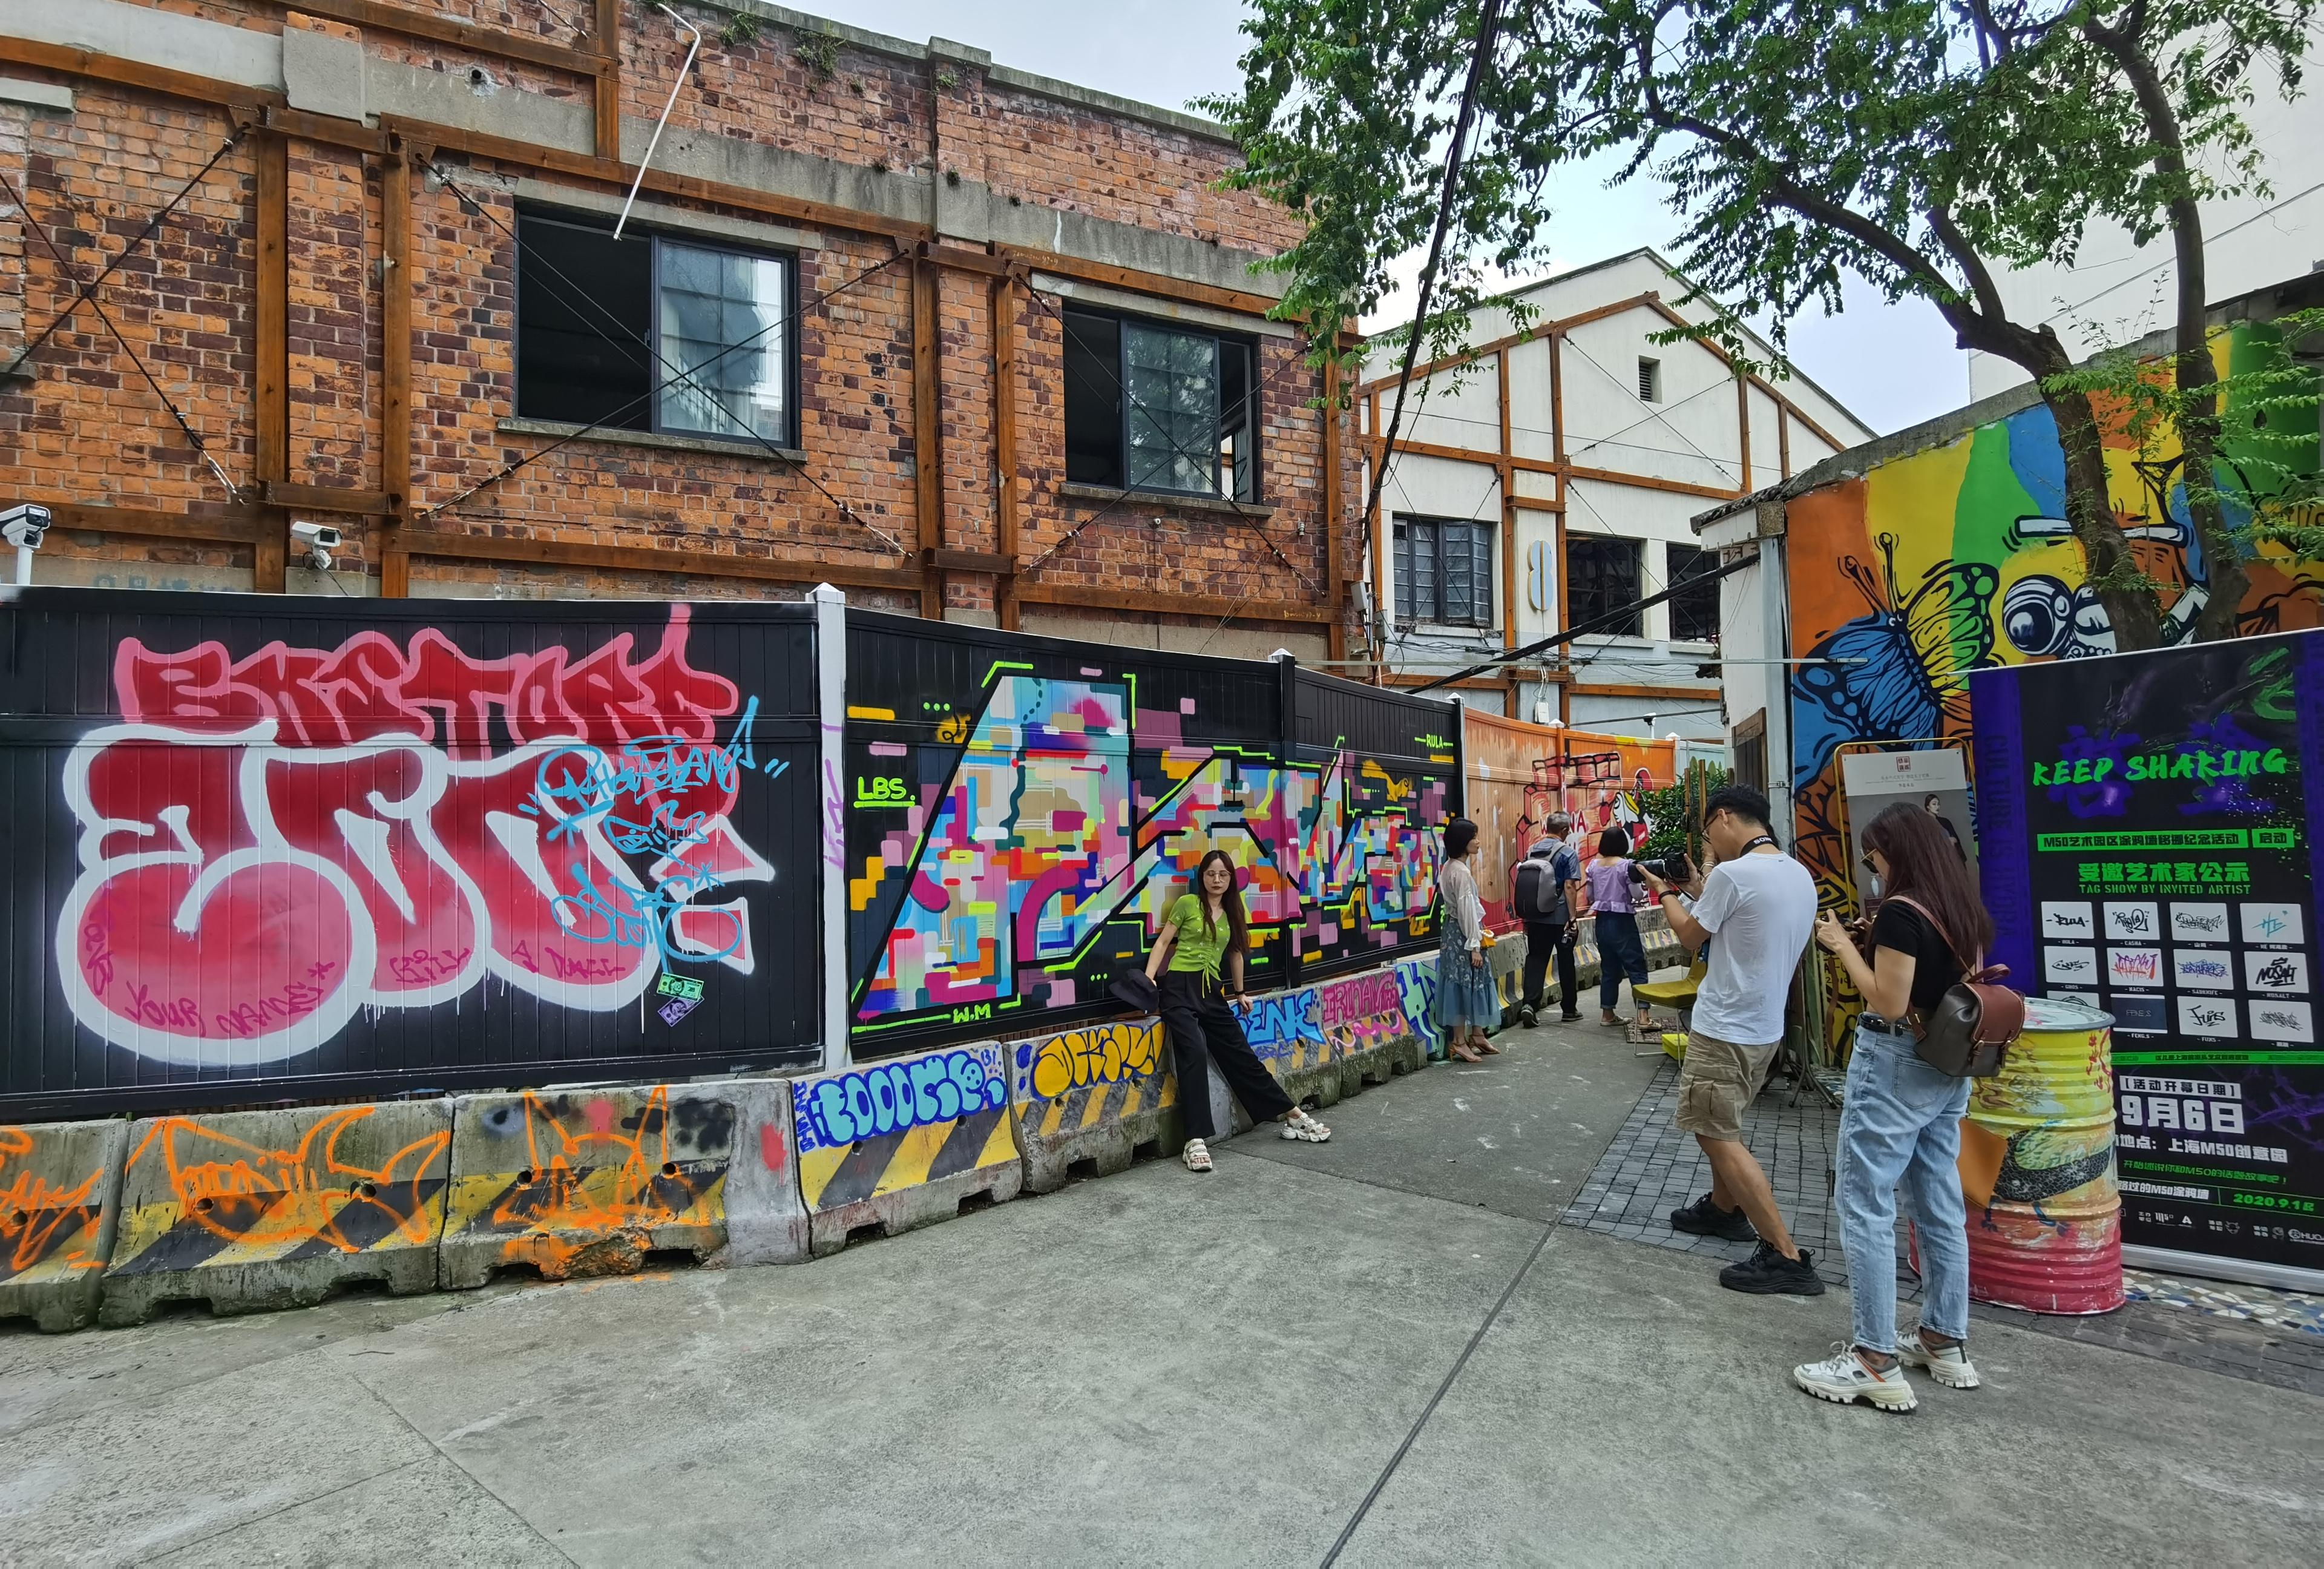 曾經是上海乃至全國最早的「塗鴉藝術」集聚地,位於上海蘇州河兩灣段莫干山路的600米塗鴉牆在這個秋天「重獲新生」——因為城市改造需要,這片已經存在15年歷史的牆體面臨拆除,為了留住城市的新鮮「文脈」,在政府、文化機構和海內外藝術家的「合力」中,塗鴉牆不僅得到保留,更遷入滬上知名的文創園區M50開啟新徵程。 新出爐的「塗鴉」牆成為上海蘇州河文化風景一部分(大公文匯全媒體記者 張帆 攝)